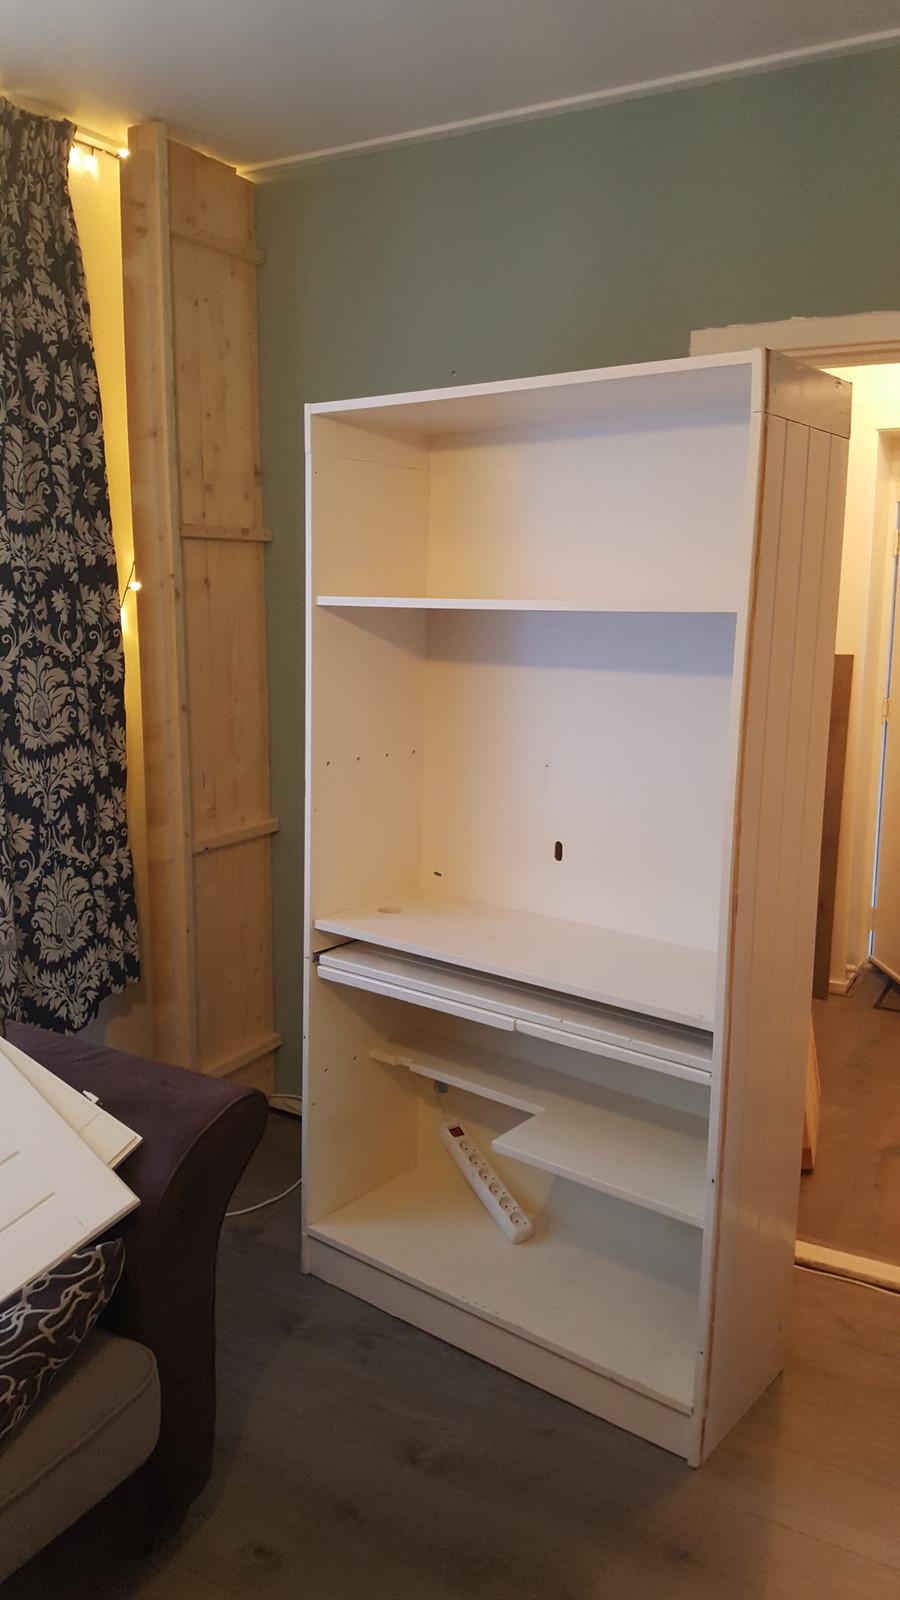 Computerkast Van Steigerhout.Computer Kast